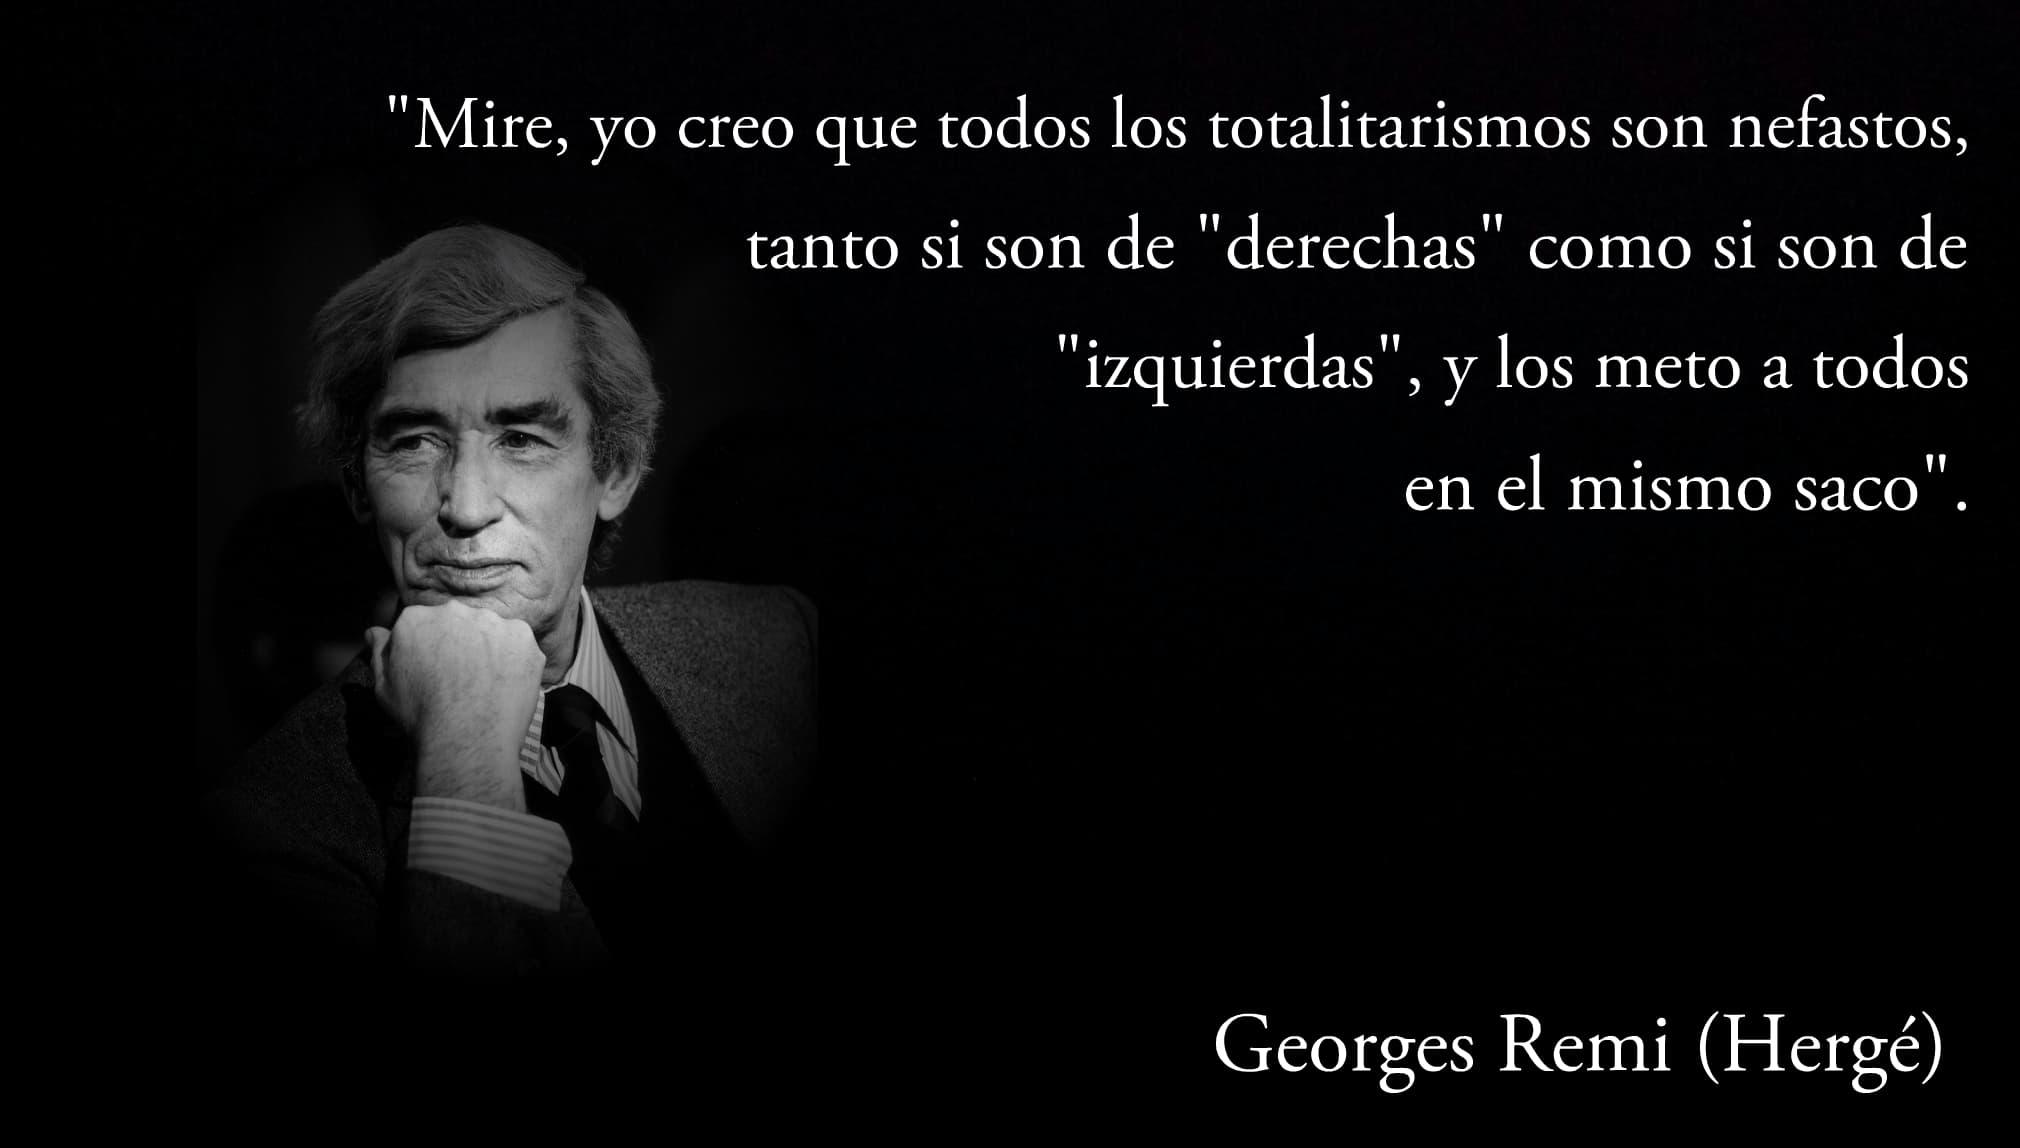 Frase de Georges Remi (Hergé).